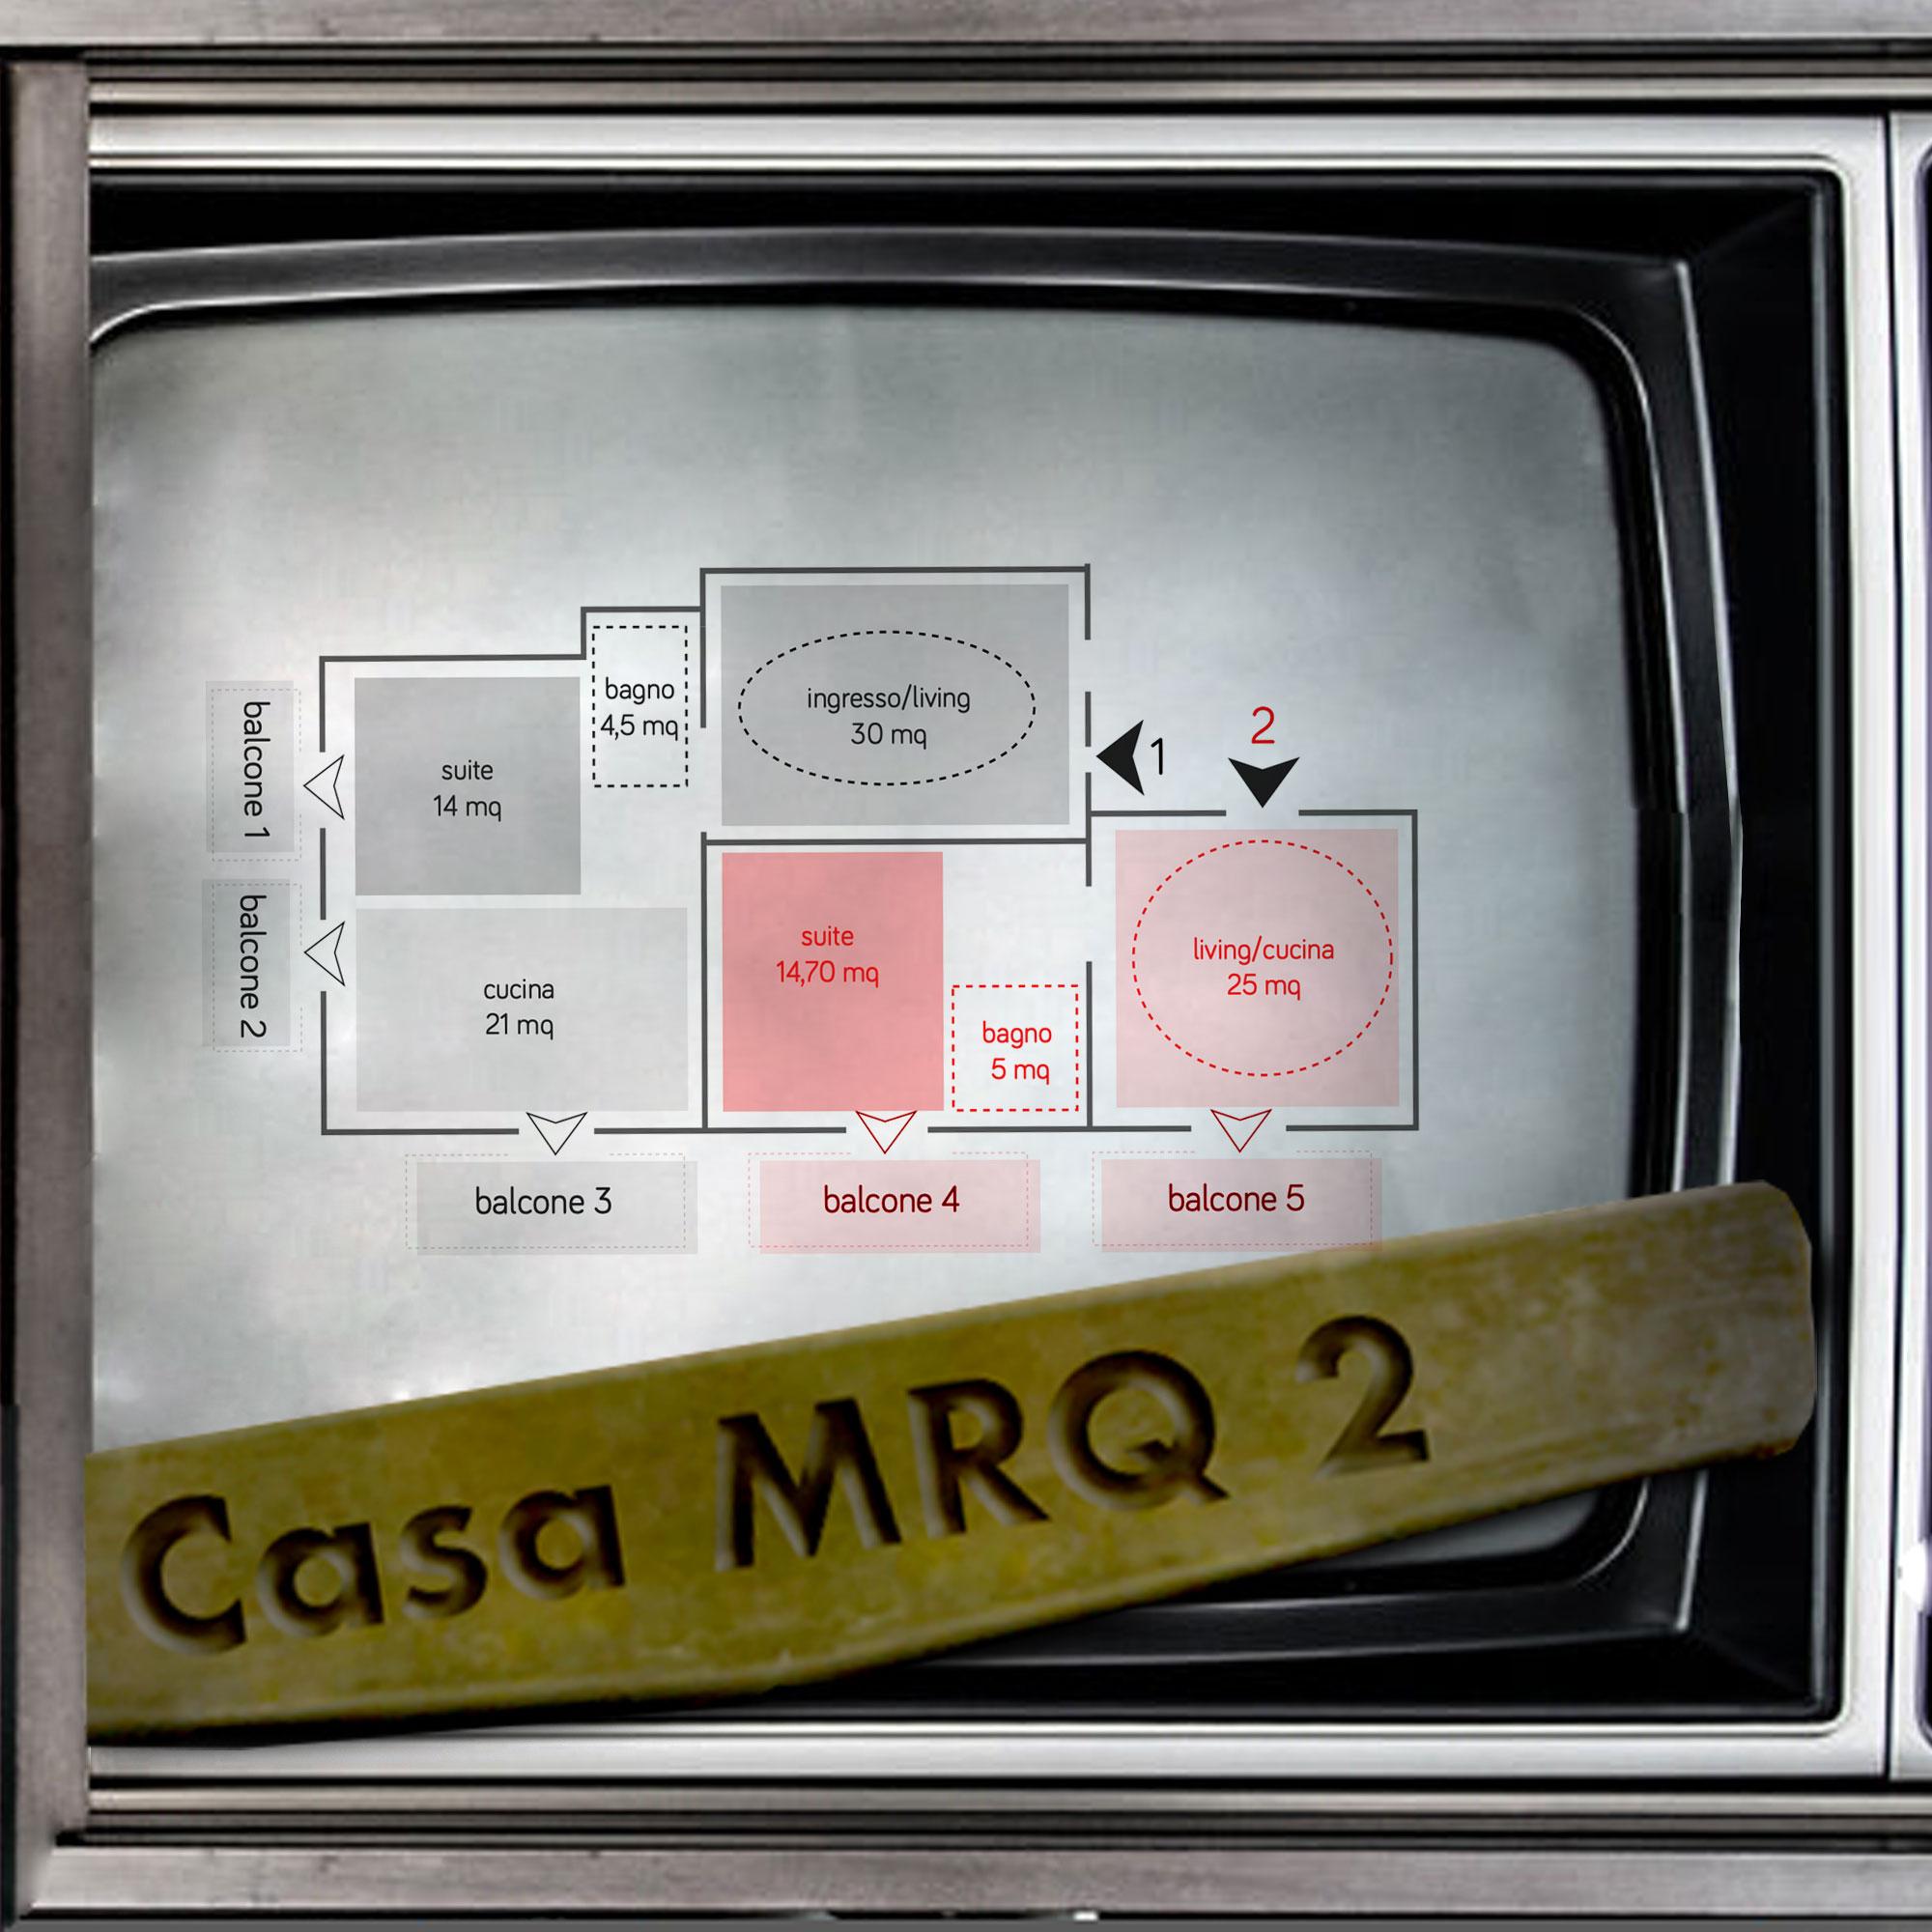 Casa-MRQ-Frazionamento-immobiliare-16-